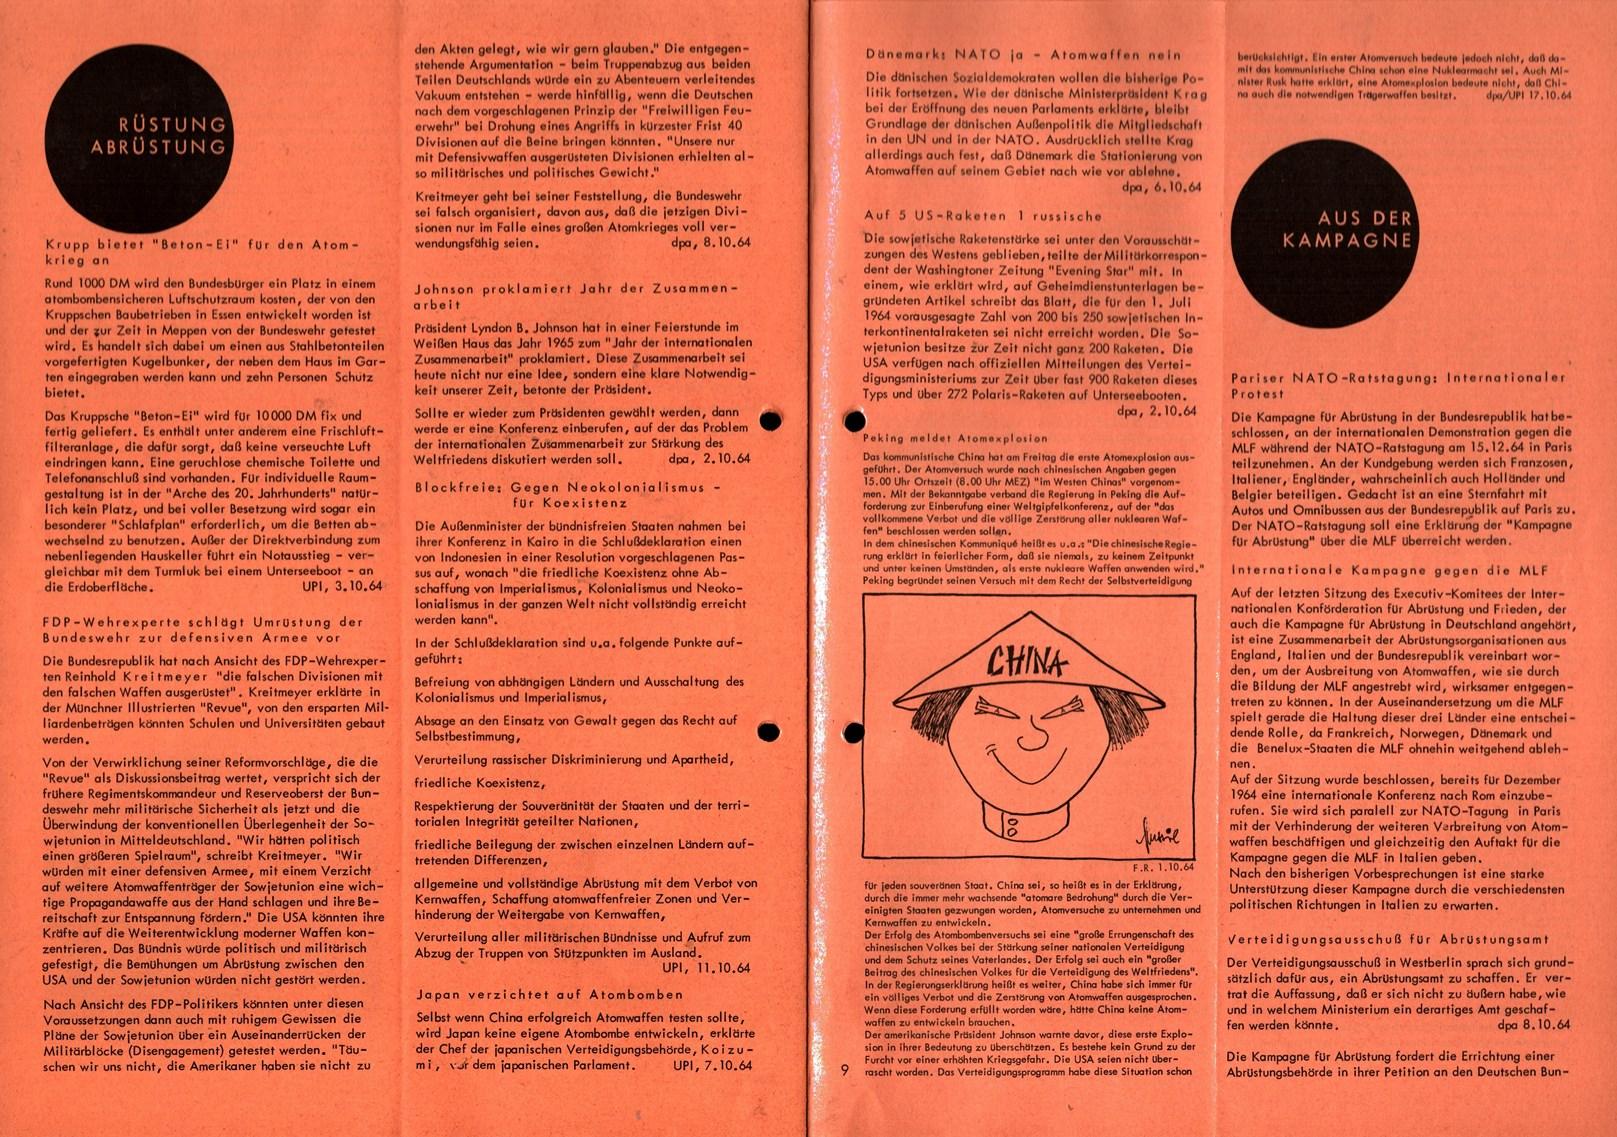 Infos_zur_Abruestung_1964_016_005